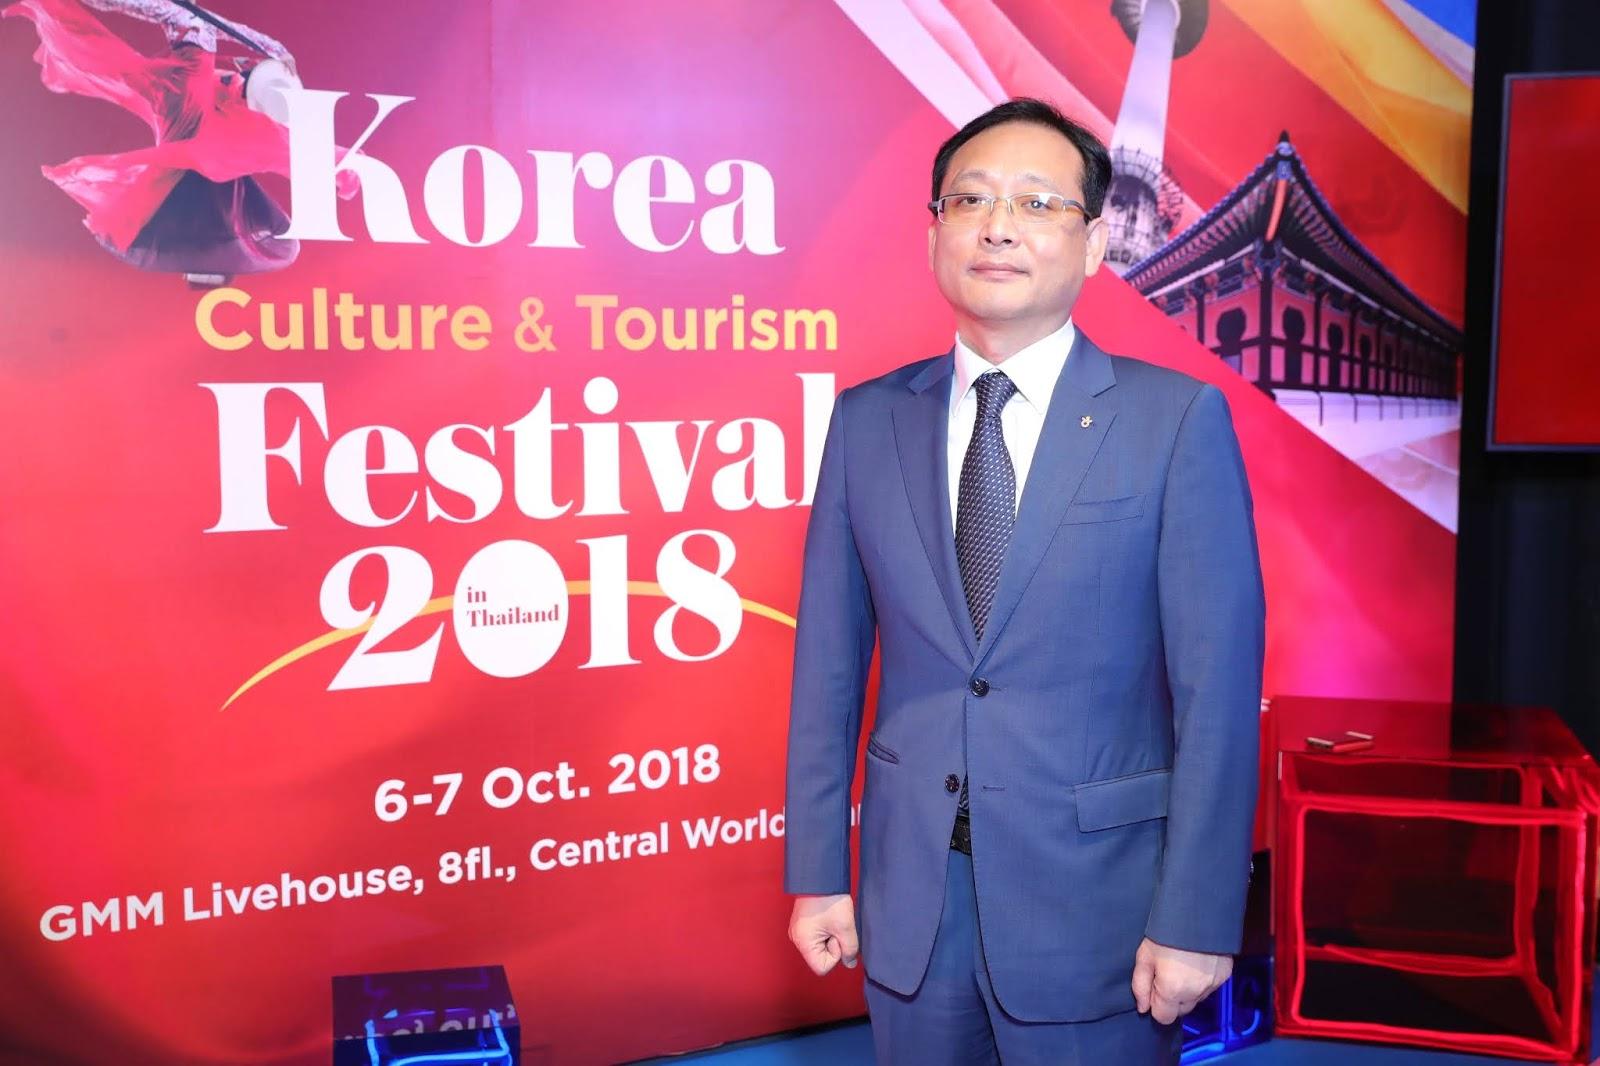 ท่องเที่ยวเกาหลีบูม ดันกระแสนิยมวัฒนธรรมเกาหลีดึงคนไทยเที่ยว  คาดปีนี้ทะลุ 5.4 แสนคน